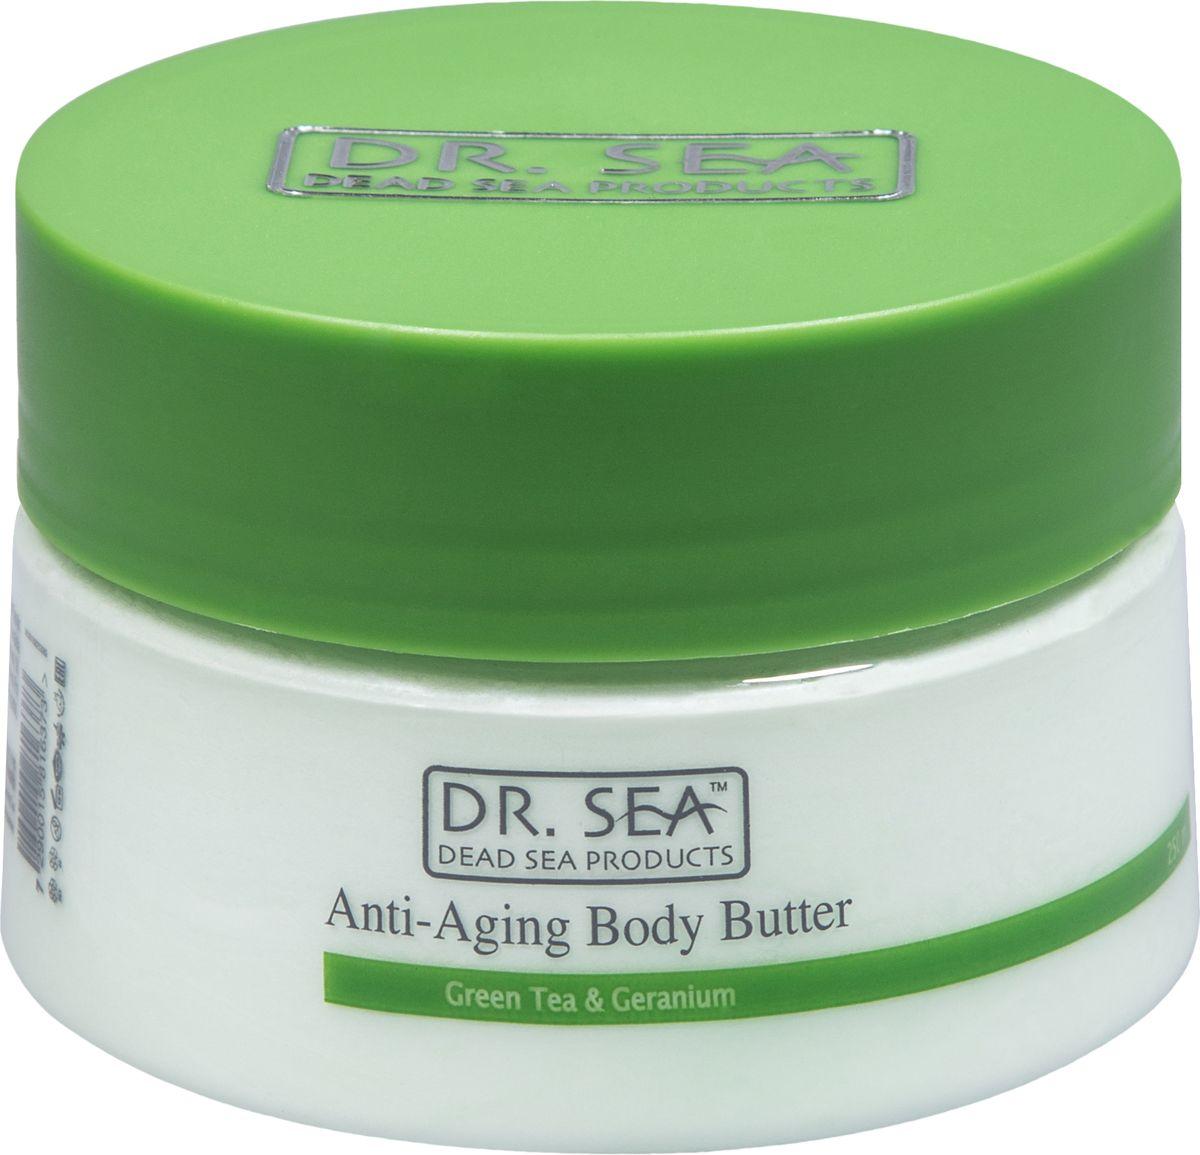 Dr.Sea Масло для тела против старения-зеленый чай и герань, 250 мл225Ежедневное применение масла для тела Dr. Sea позволяет коже эффективно противостоять процессу старения, повышает ее эластичность и упругость. Содержит минералы Мертвого моря, натуральные эфирные и растительные масла, а также витамины C и E, жирные кислоты омега-3 и омега-6. Способствует предотвращению растяжек, рекомендуется к применению в период диеты или беременности. Способ применения: после каждого принятия ванны или душа наносите на кожу массирующими движениями и втирайте до полного впитывания.Основу косметики Dr. Sea составляют минералы, грязи и органические вытяжки Мертвого моря, а также натуральные растительные экстракты. Косметические средства Dr. Sea разрабатываются и производятся исключительно на территории Израиля в новейших технологических условиях, позволяющих максимально раскрыть и сохранить целебные свойства природных компонентов. Ни в одном из препаратов не содержится парааминобензойная кислота (так называемый парабен), а в составе шампуней и гелей для душа не используется Sodium Lauryl Sulfate. Уникальность минеральной косметики Dr. Sea состоит в том, что все компоненты, входящие в рецептуру, натуральные. Сочетание минералов, грязи, соли и других натуральных составляющих, усиливают целебное действие и не дают побочных эффектов. Характеристики:Объем: 250 мл. Производитель: Израиль. Товар сертифицирован.